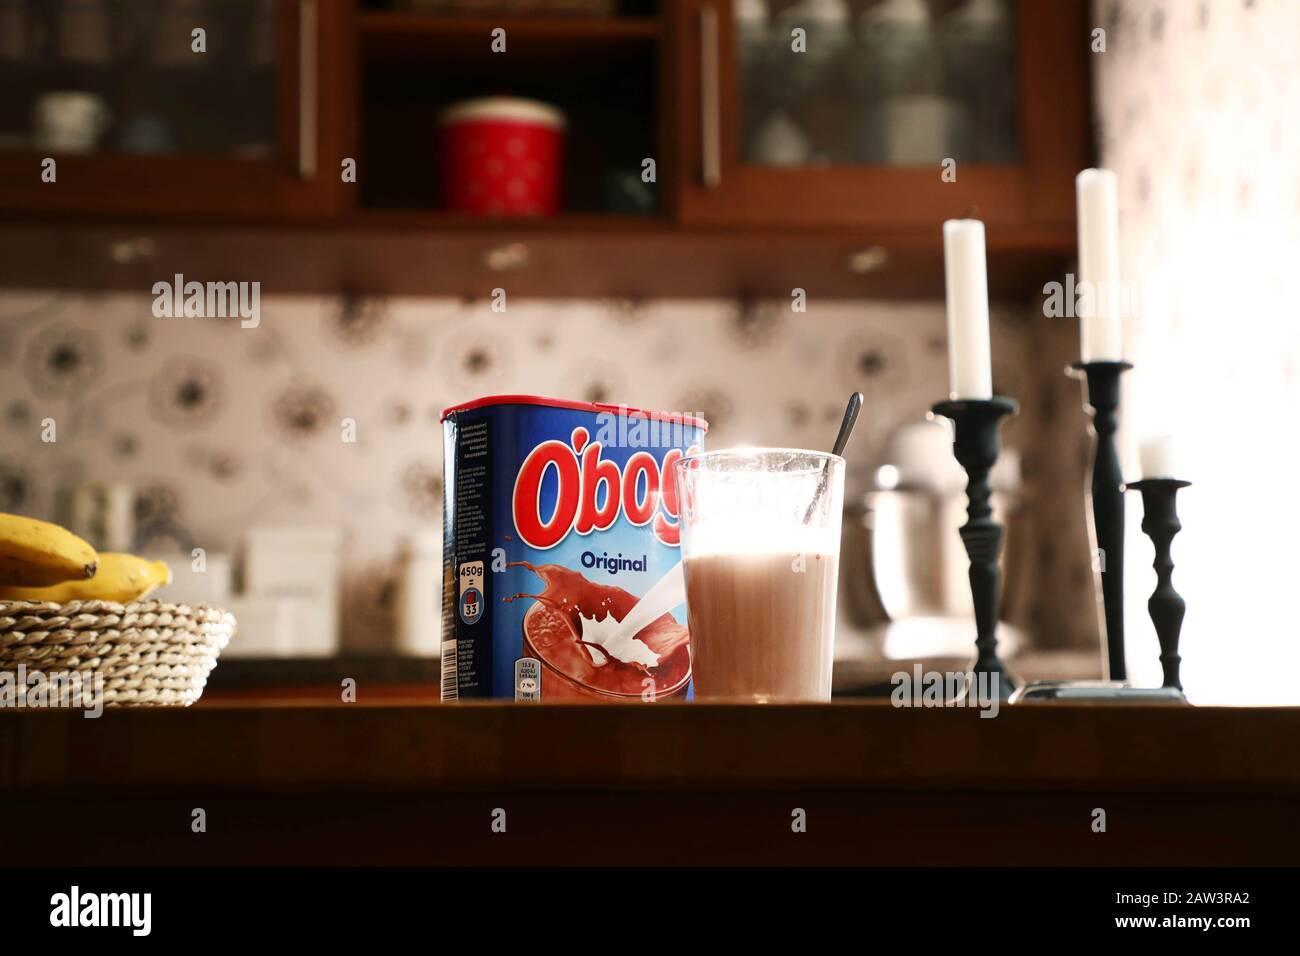 Motala, Svezia 20200131Now il classico pacchetto o´boy scompare. La bevanda al cioccolato diventerà più intelligente dal punto di vista del clima, la prossima settimana inizierà a consegnare un nuovo design aggiornato agli scaffali dei negozi svedesi. Foto Jeppe Gustafsson Foto Stock